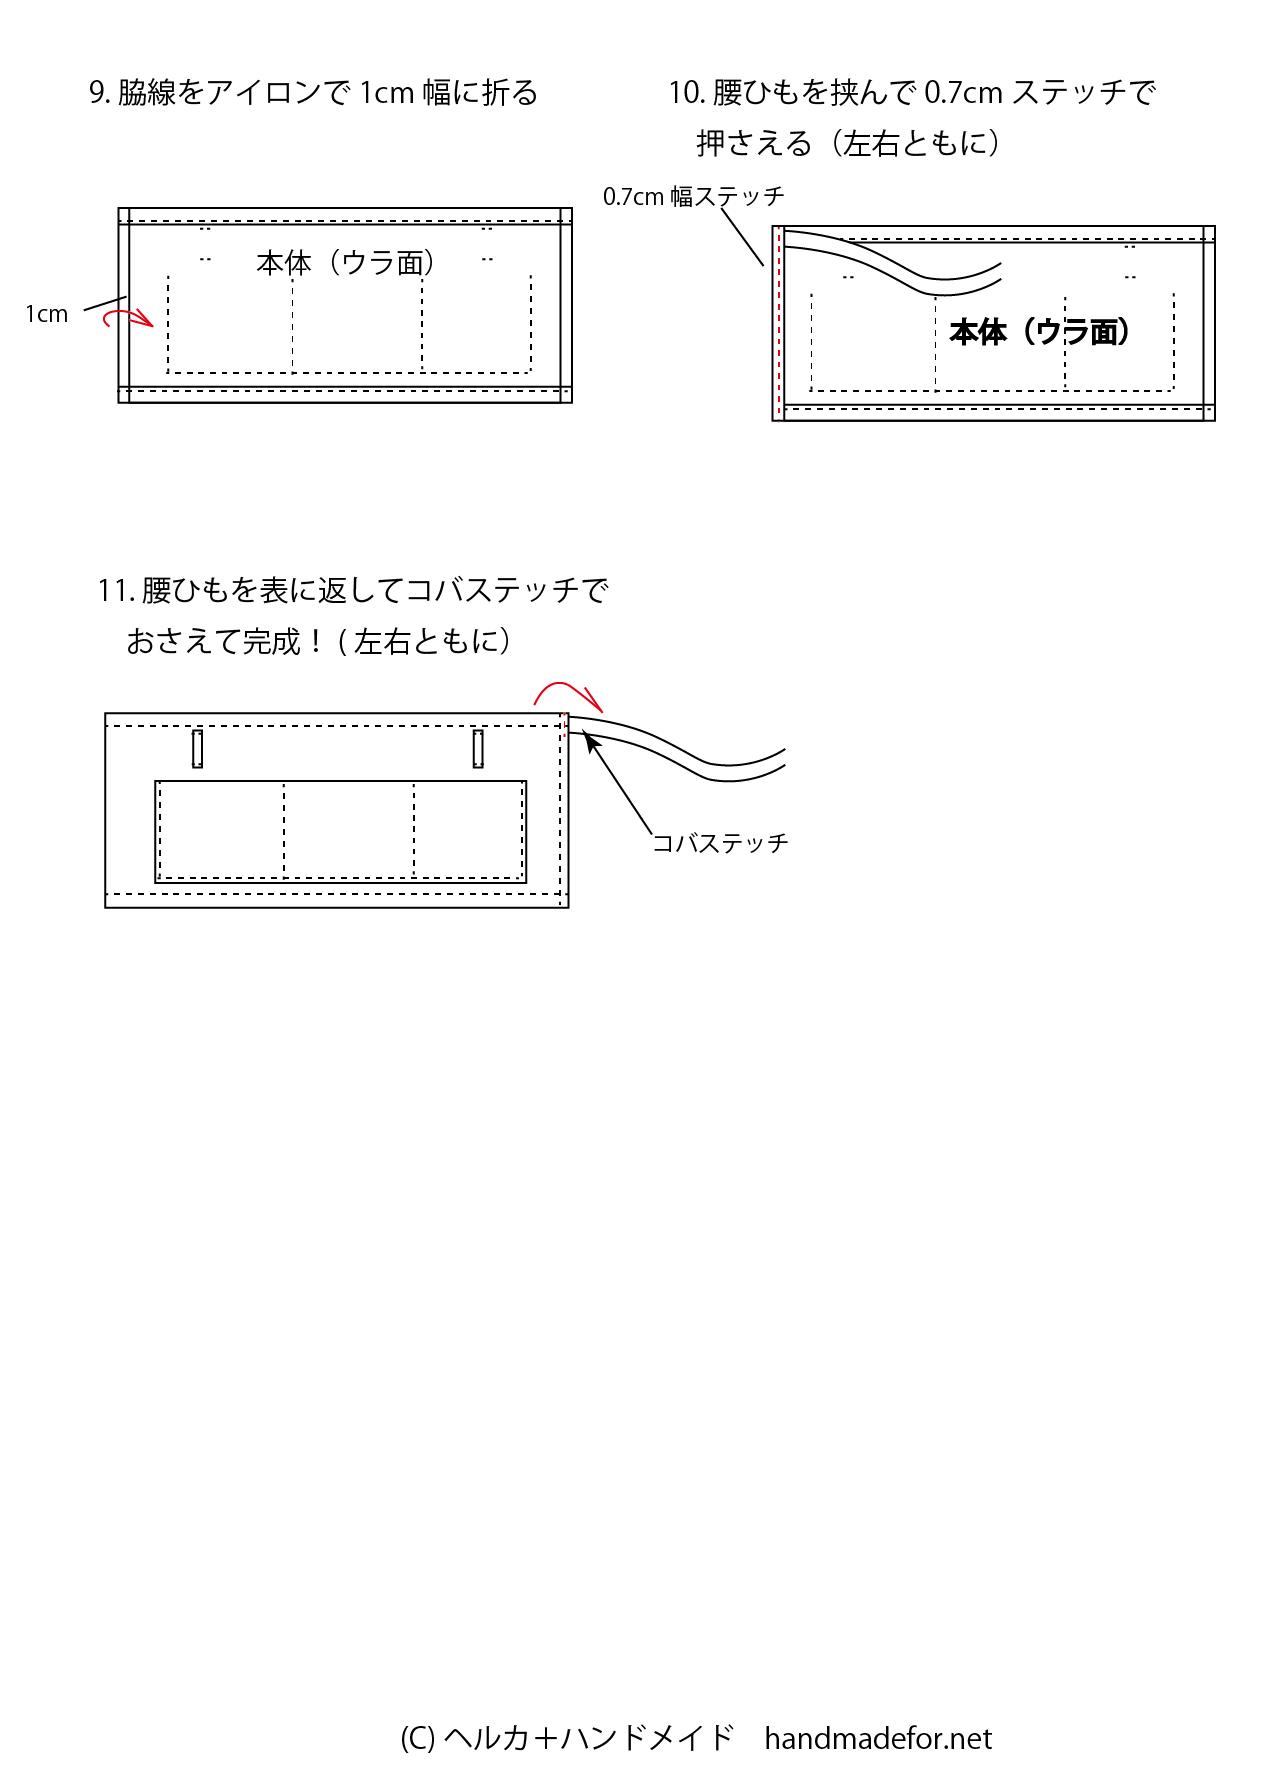 カフェエプロンの作り方03